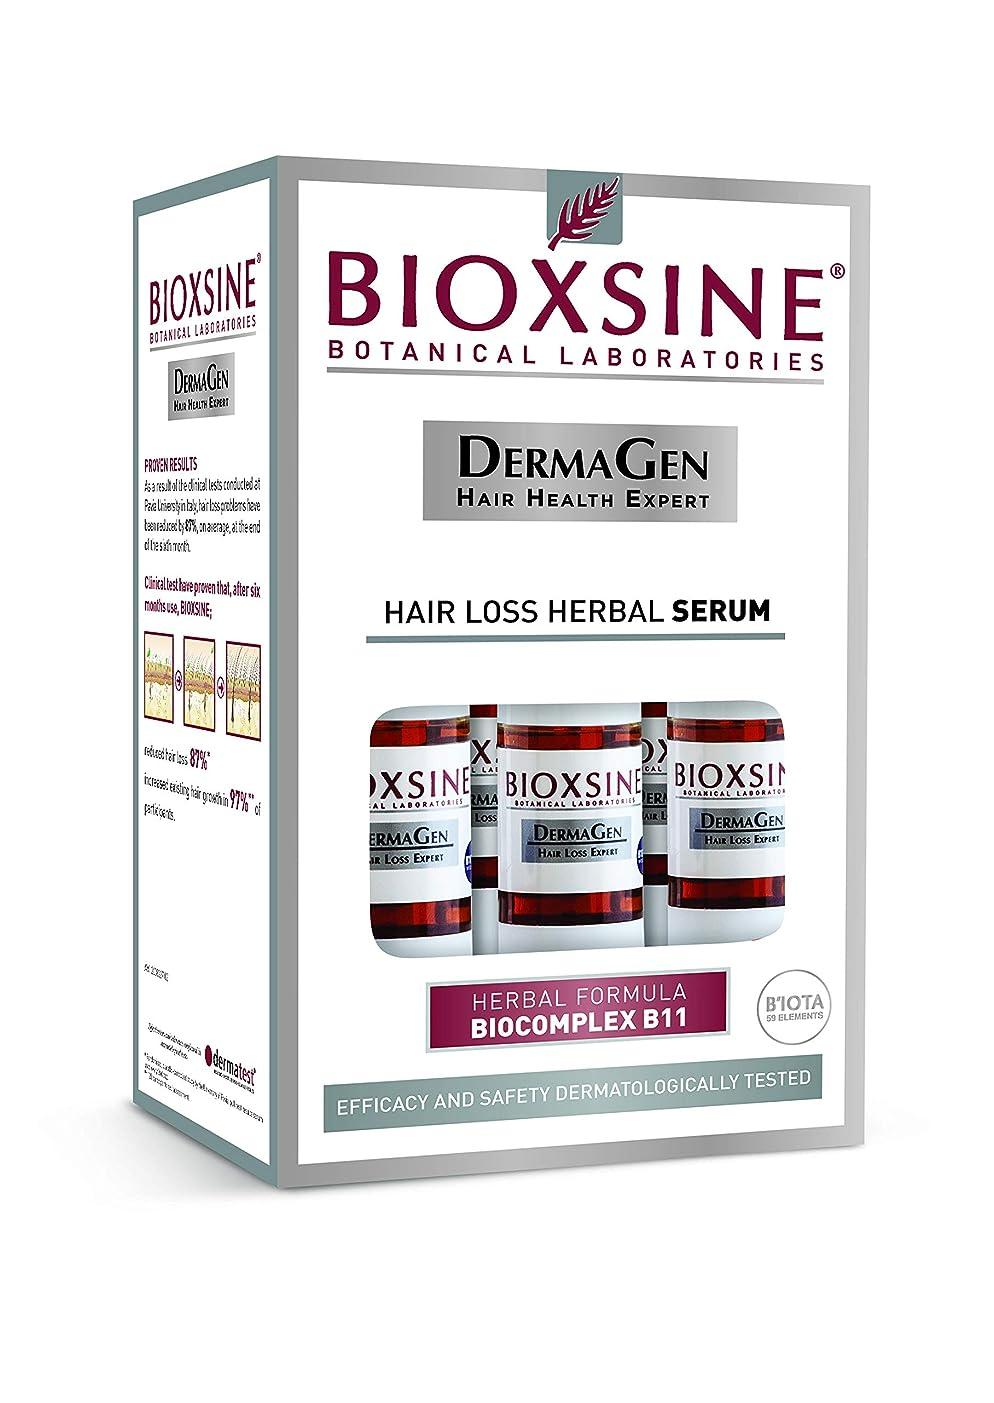 ペック純粋に恩恵無香料の男性のためのBIOXSINEの毛損失の草の血清 - Biocomplex B11元の